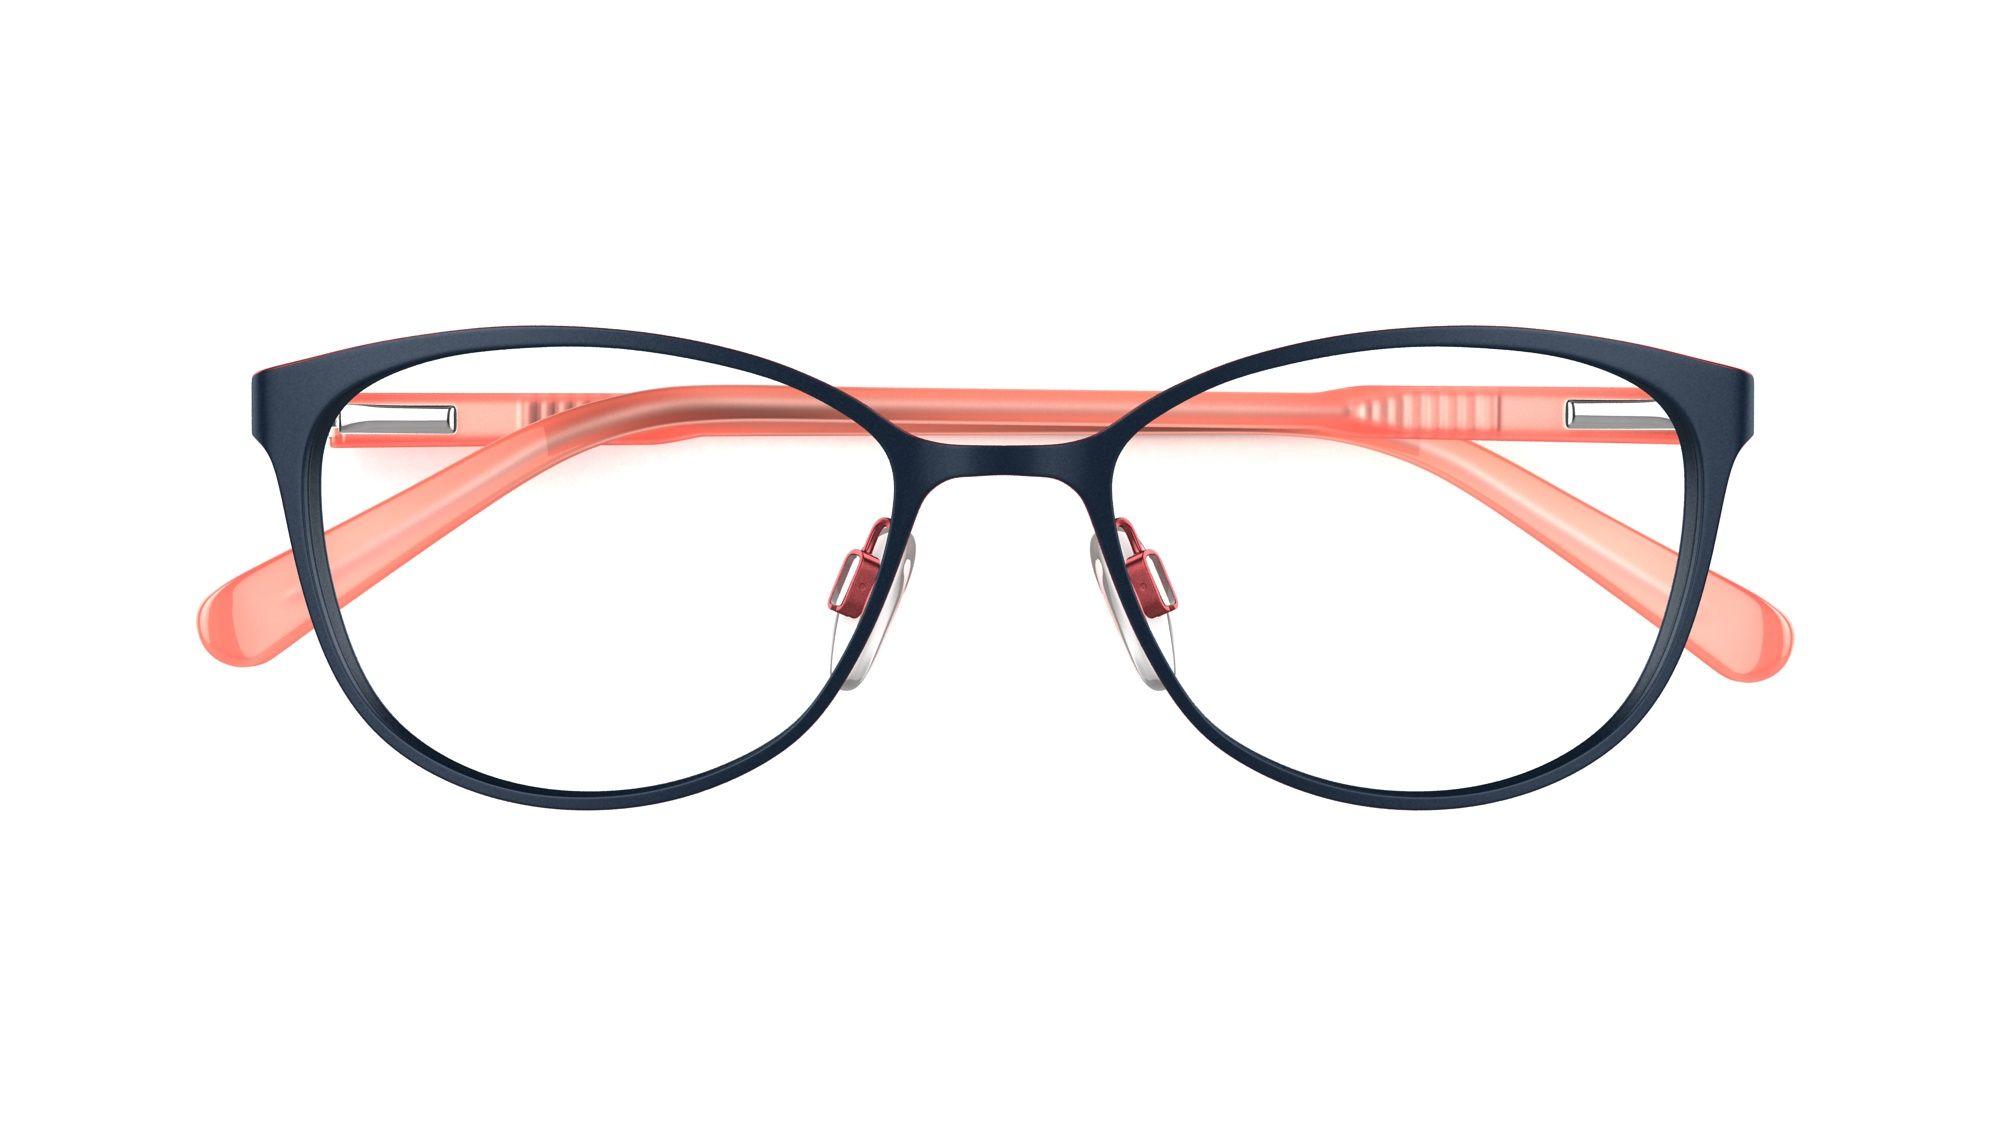 9df9b688e736 Tommy Hilfiger glasses - TH 84   Glasses   Glasses, Womens glasses ...